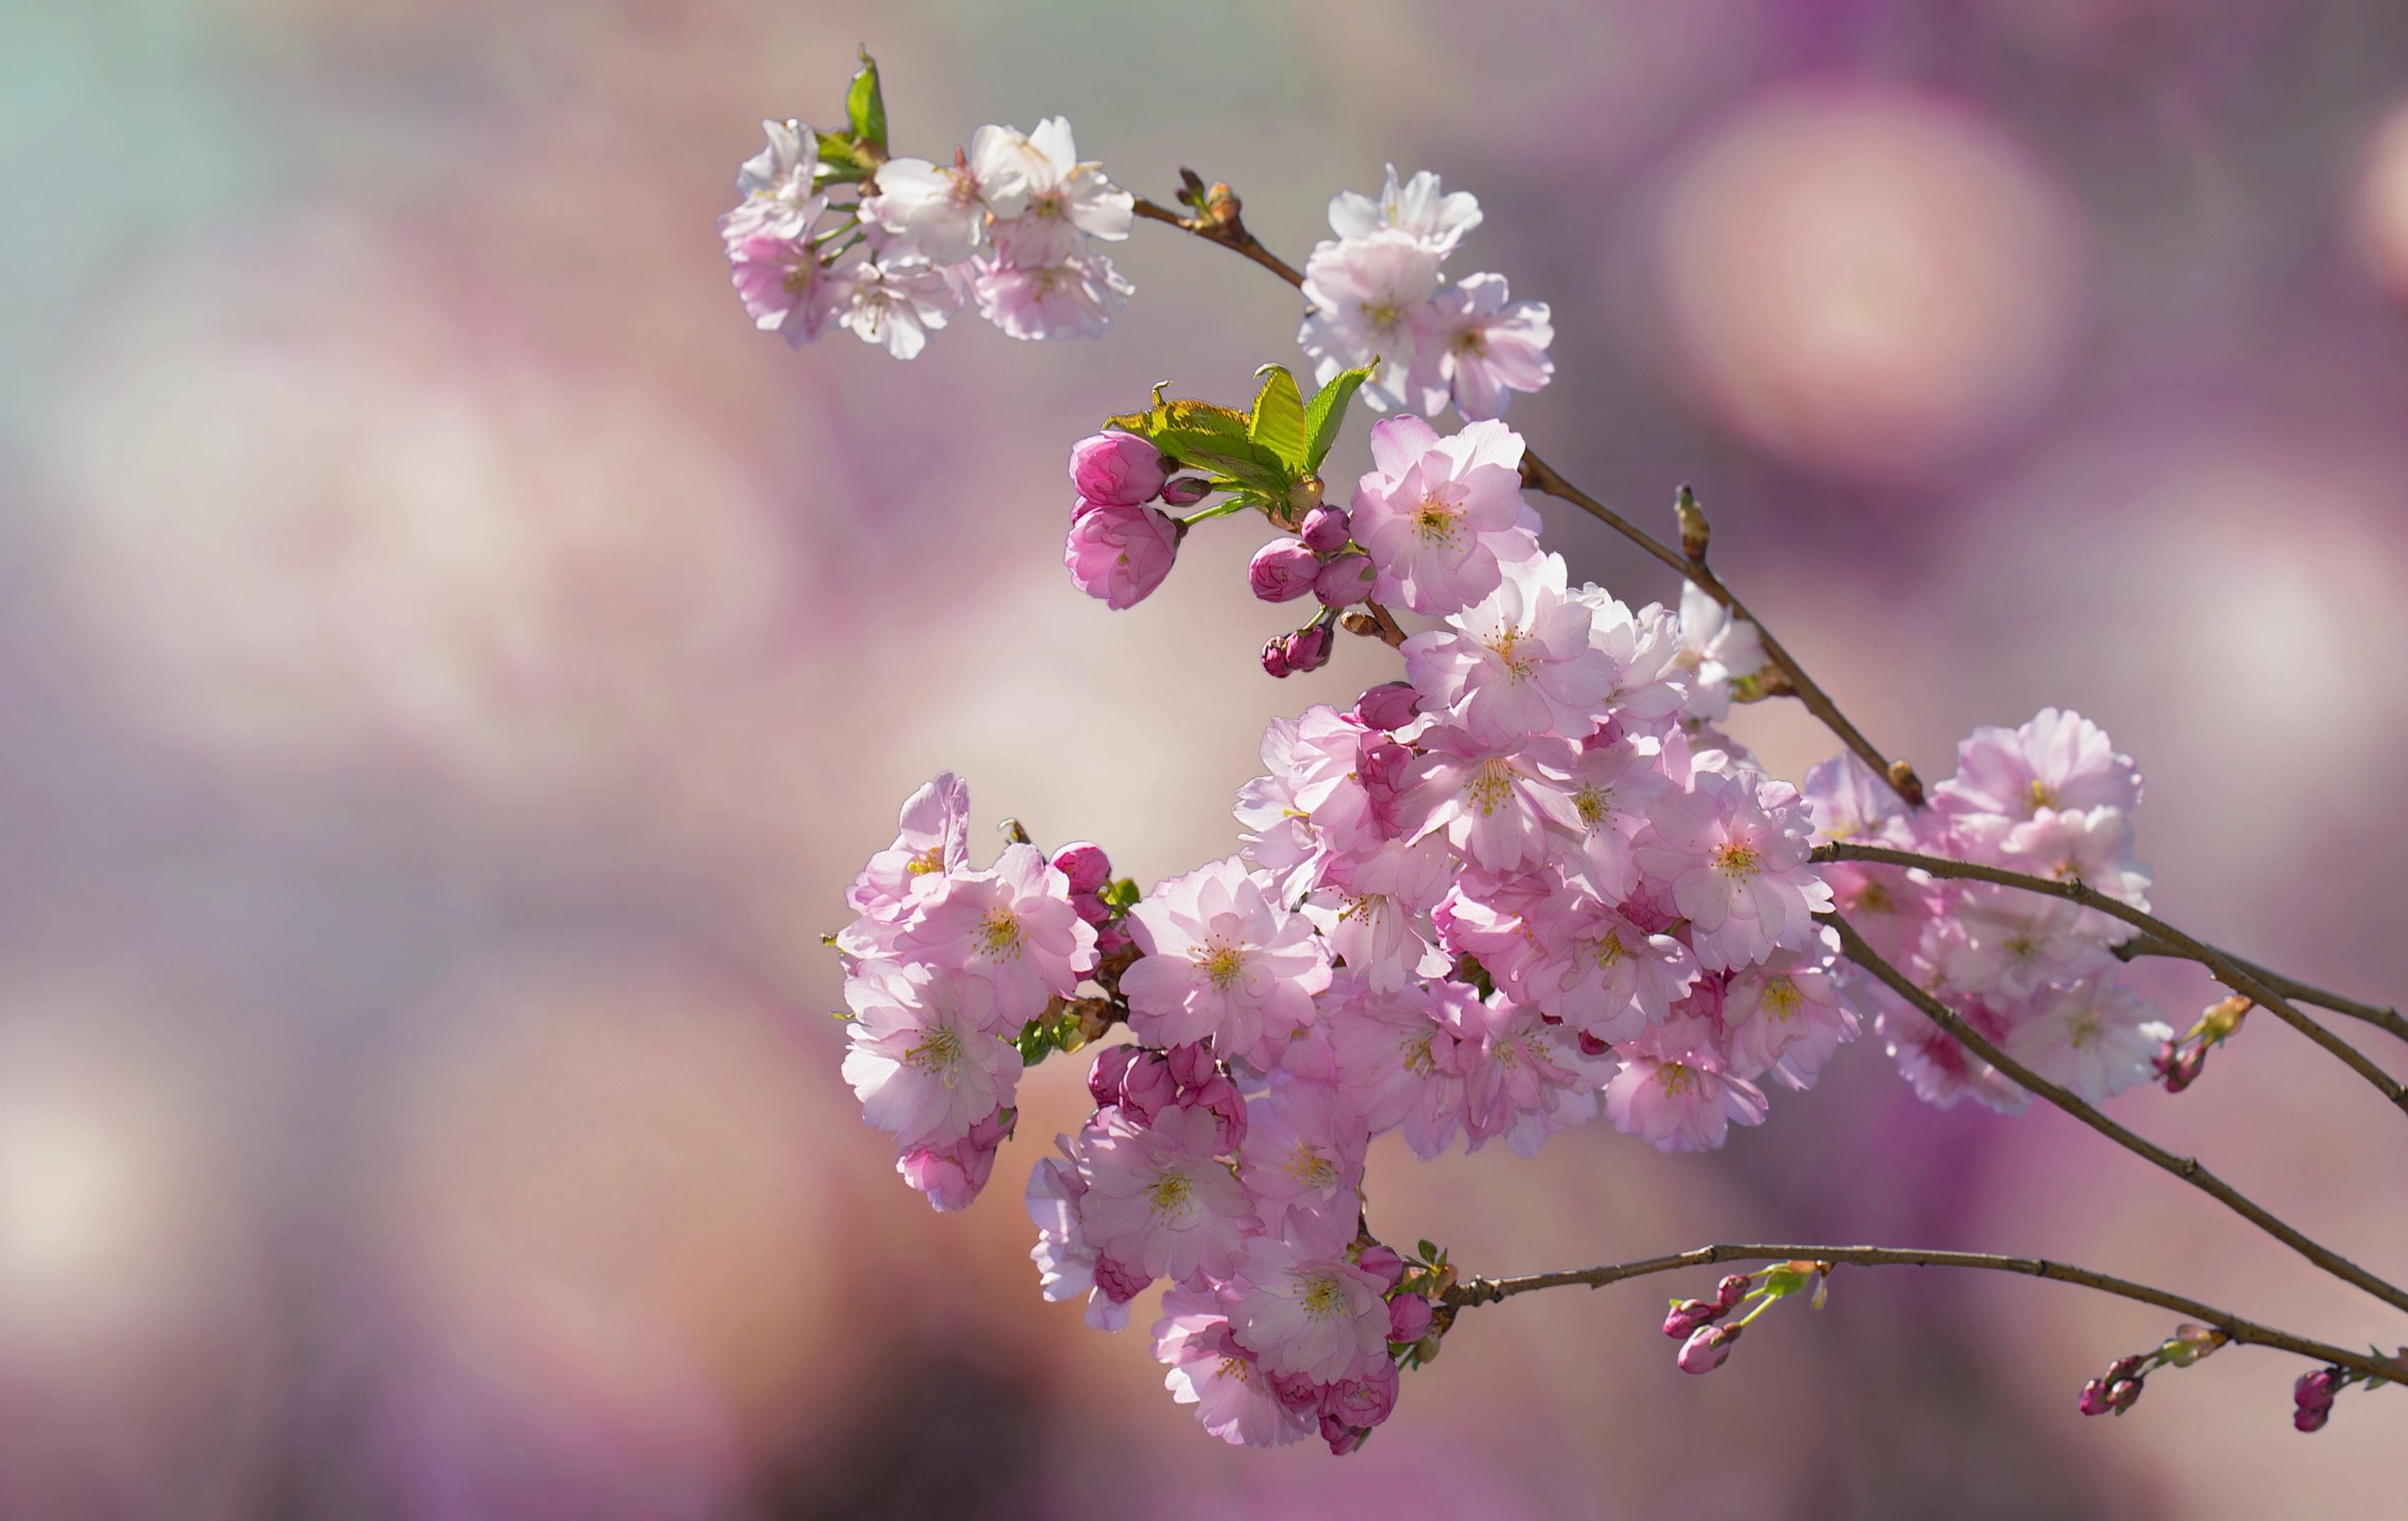 Картинка: Ветка, цветы, цветёт, фон, размытость